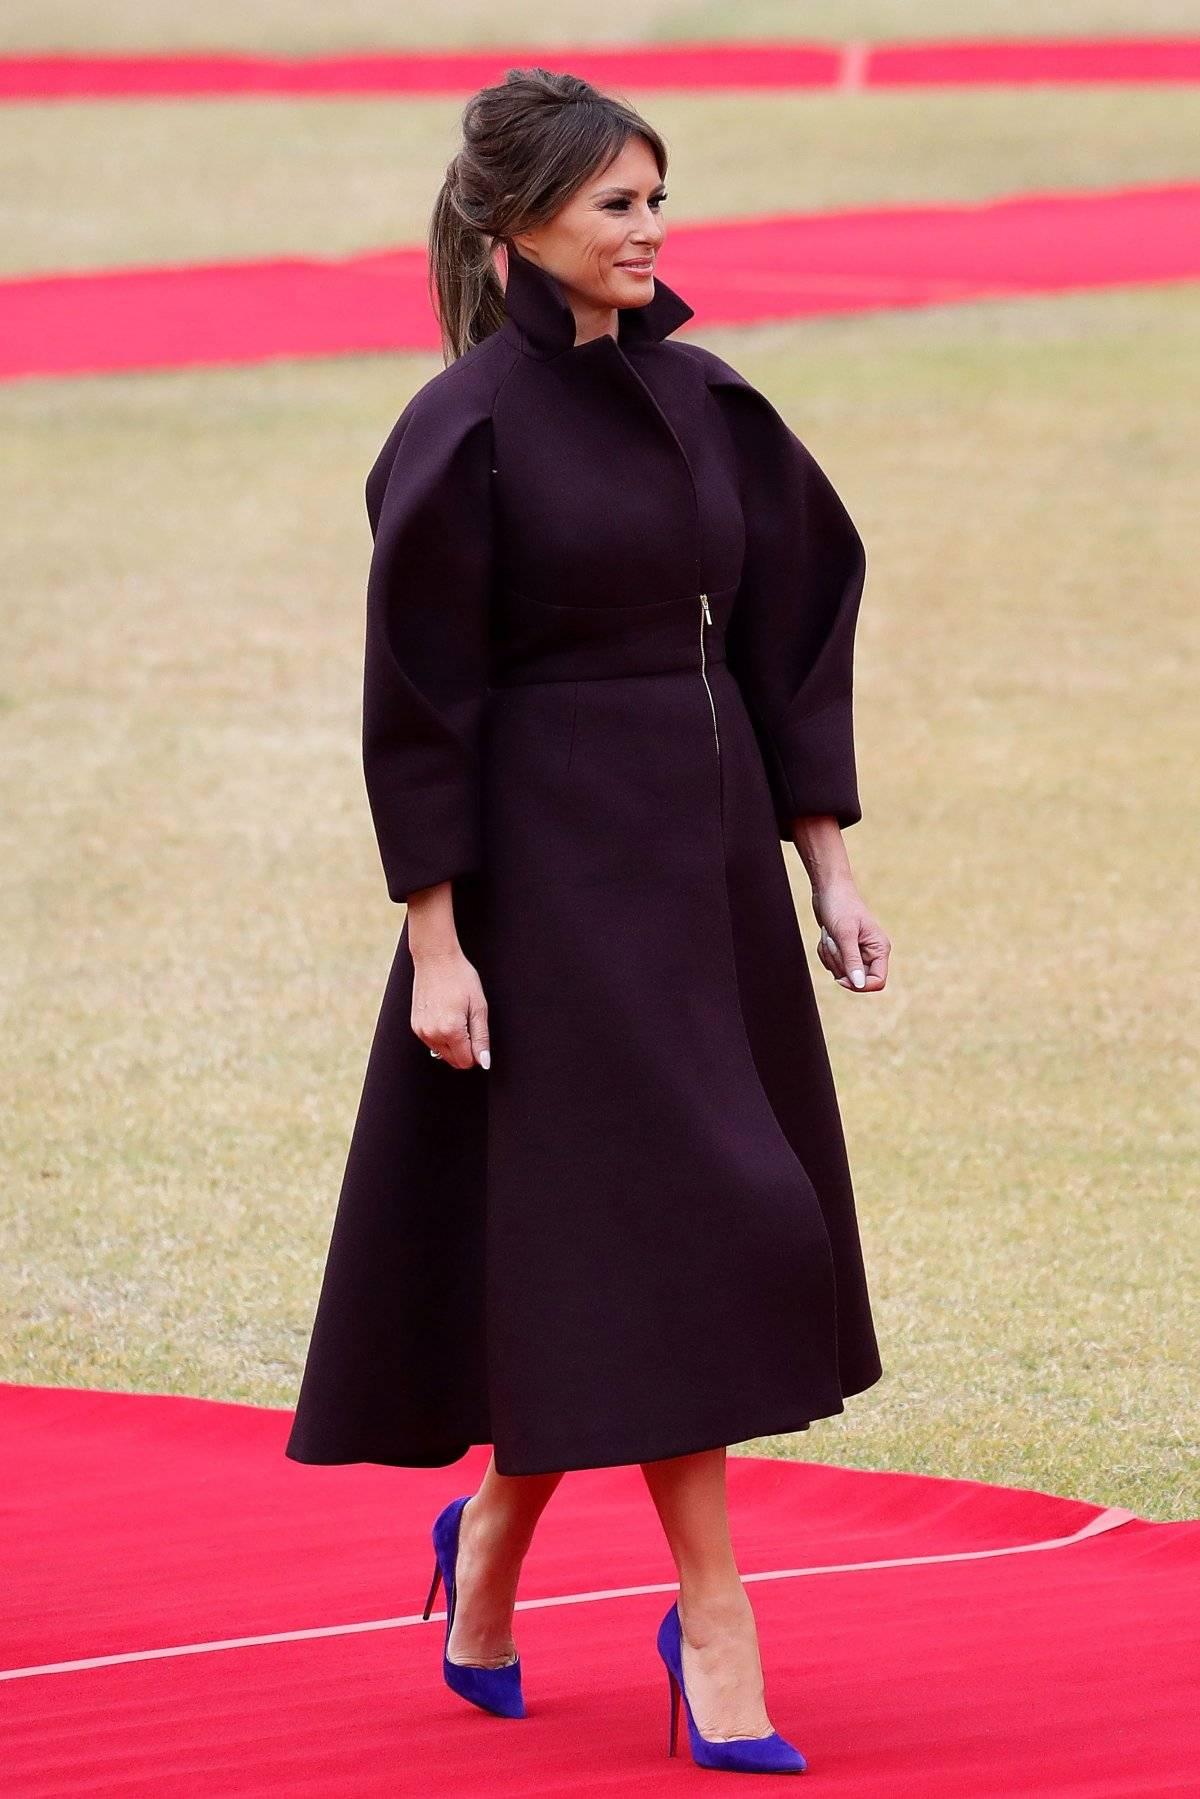 Lo bueno: El color morado oscuro es encantador. Lo malo: Ella de bajo perfil parece un luchador de sumo muy elegante. |getty